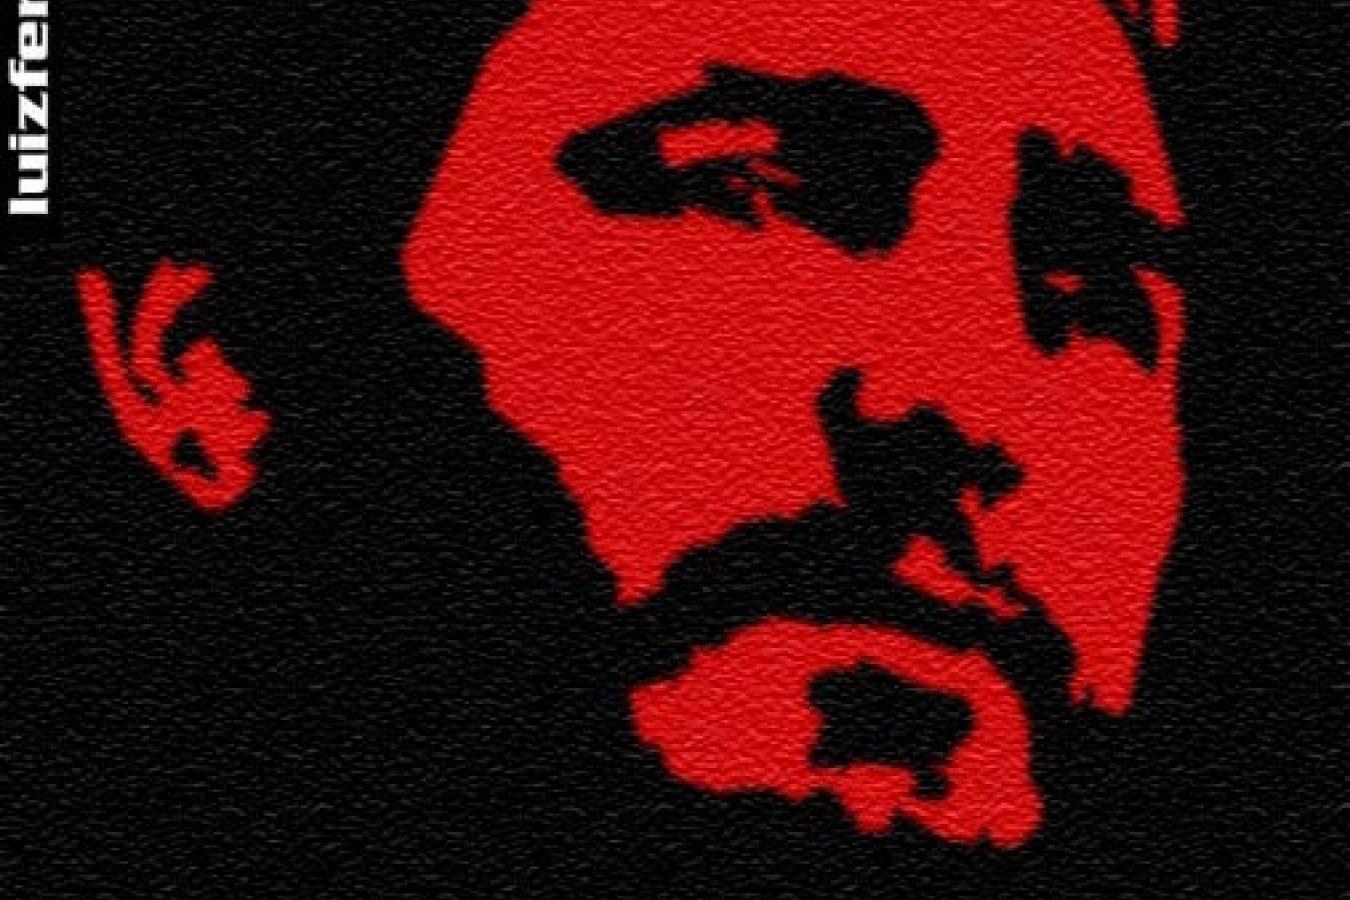 Fidel Castro former leader of Cuba cor 10